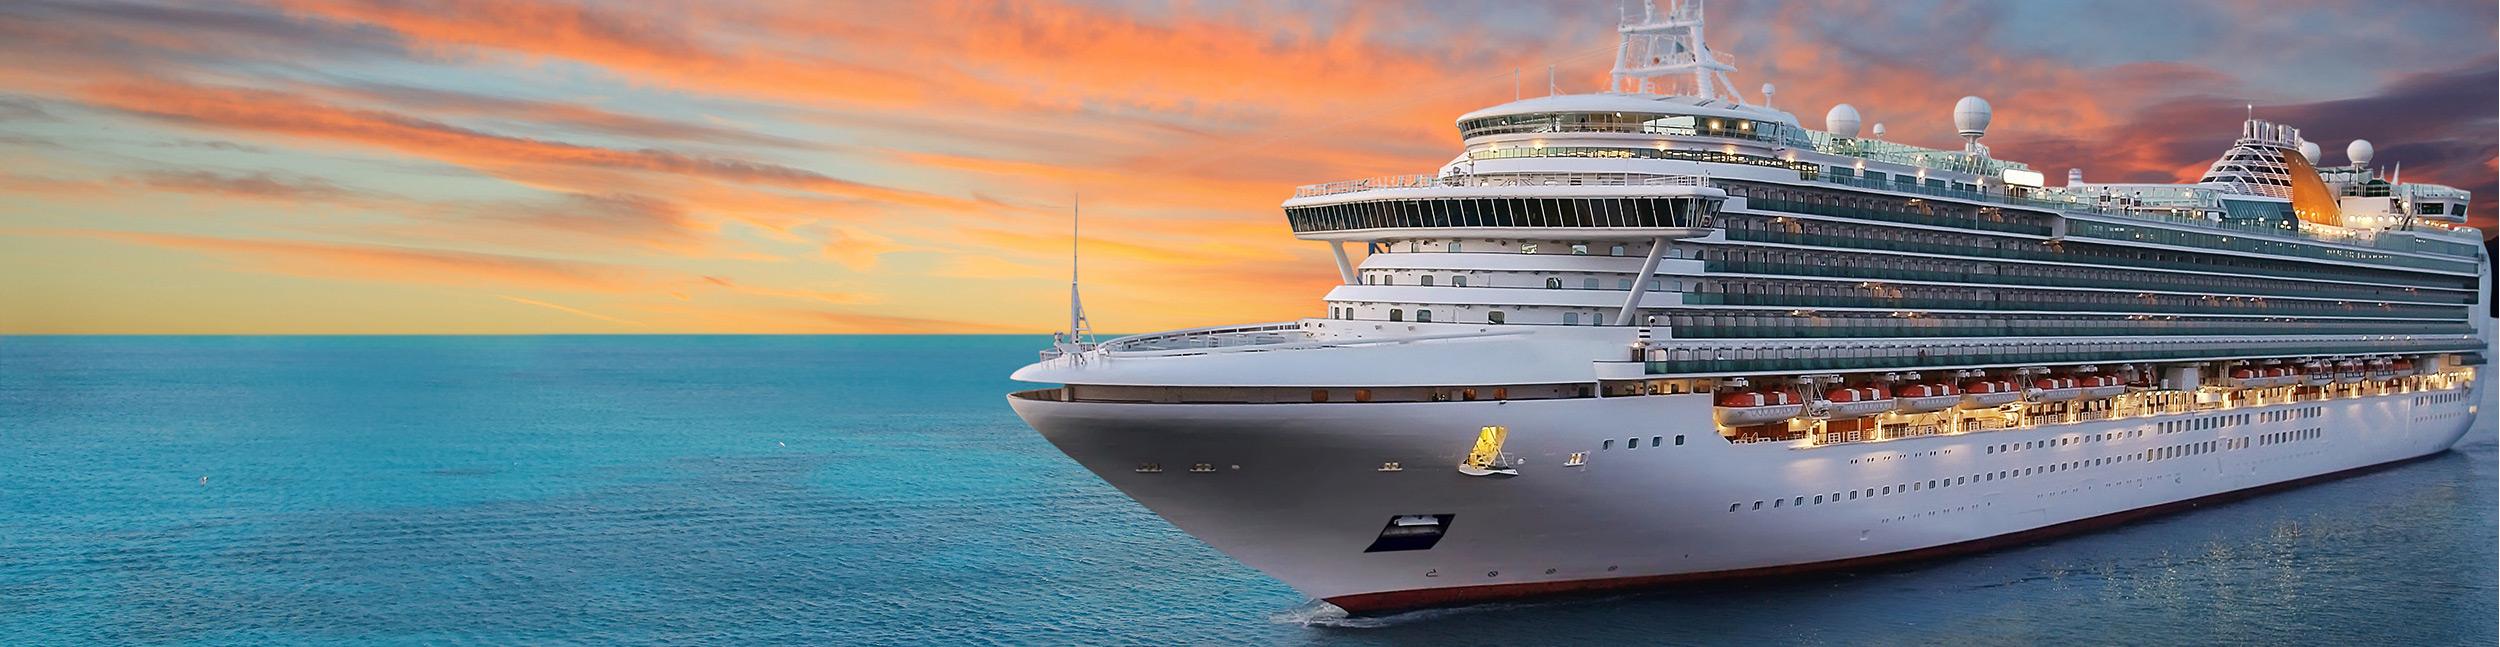 Kreuzfahrt Schiff Meer Luxus Panorama